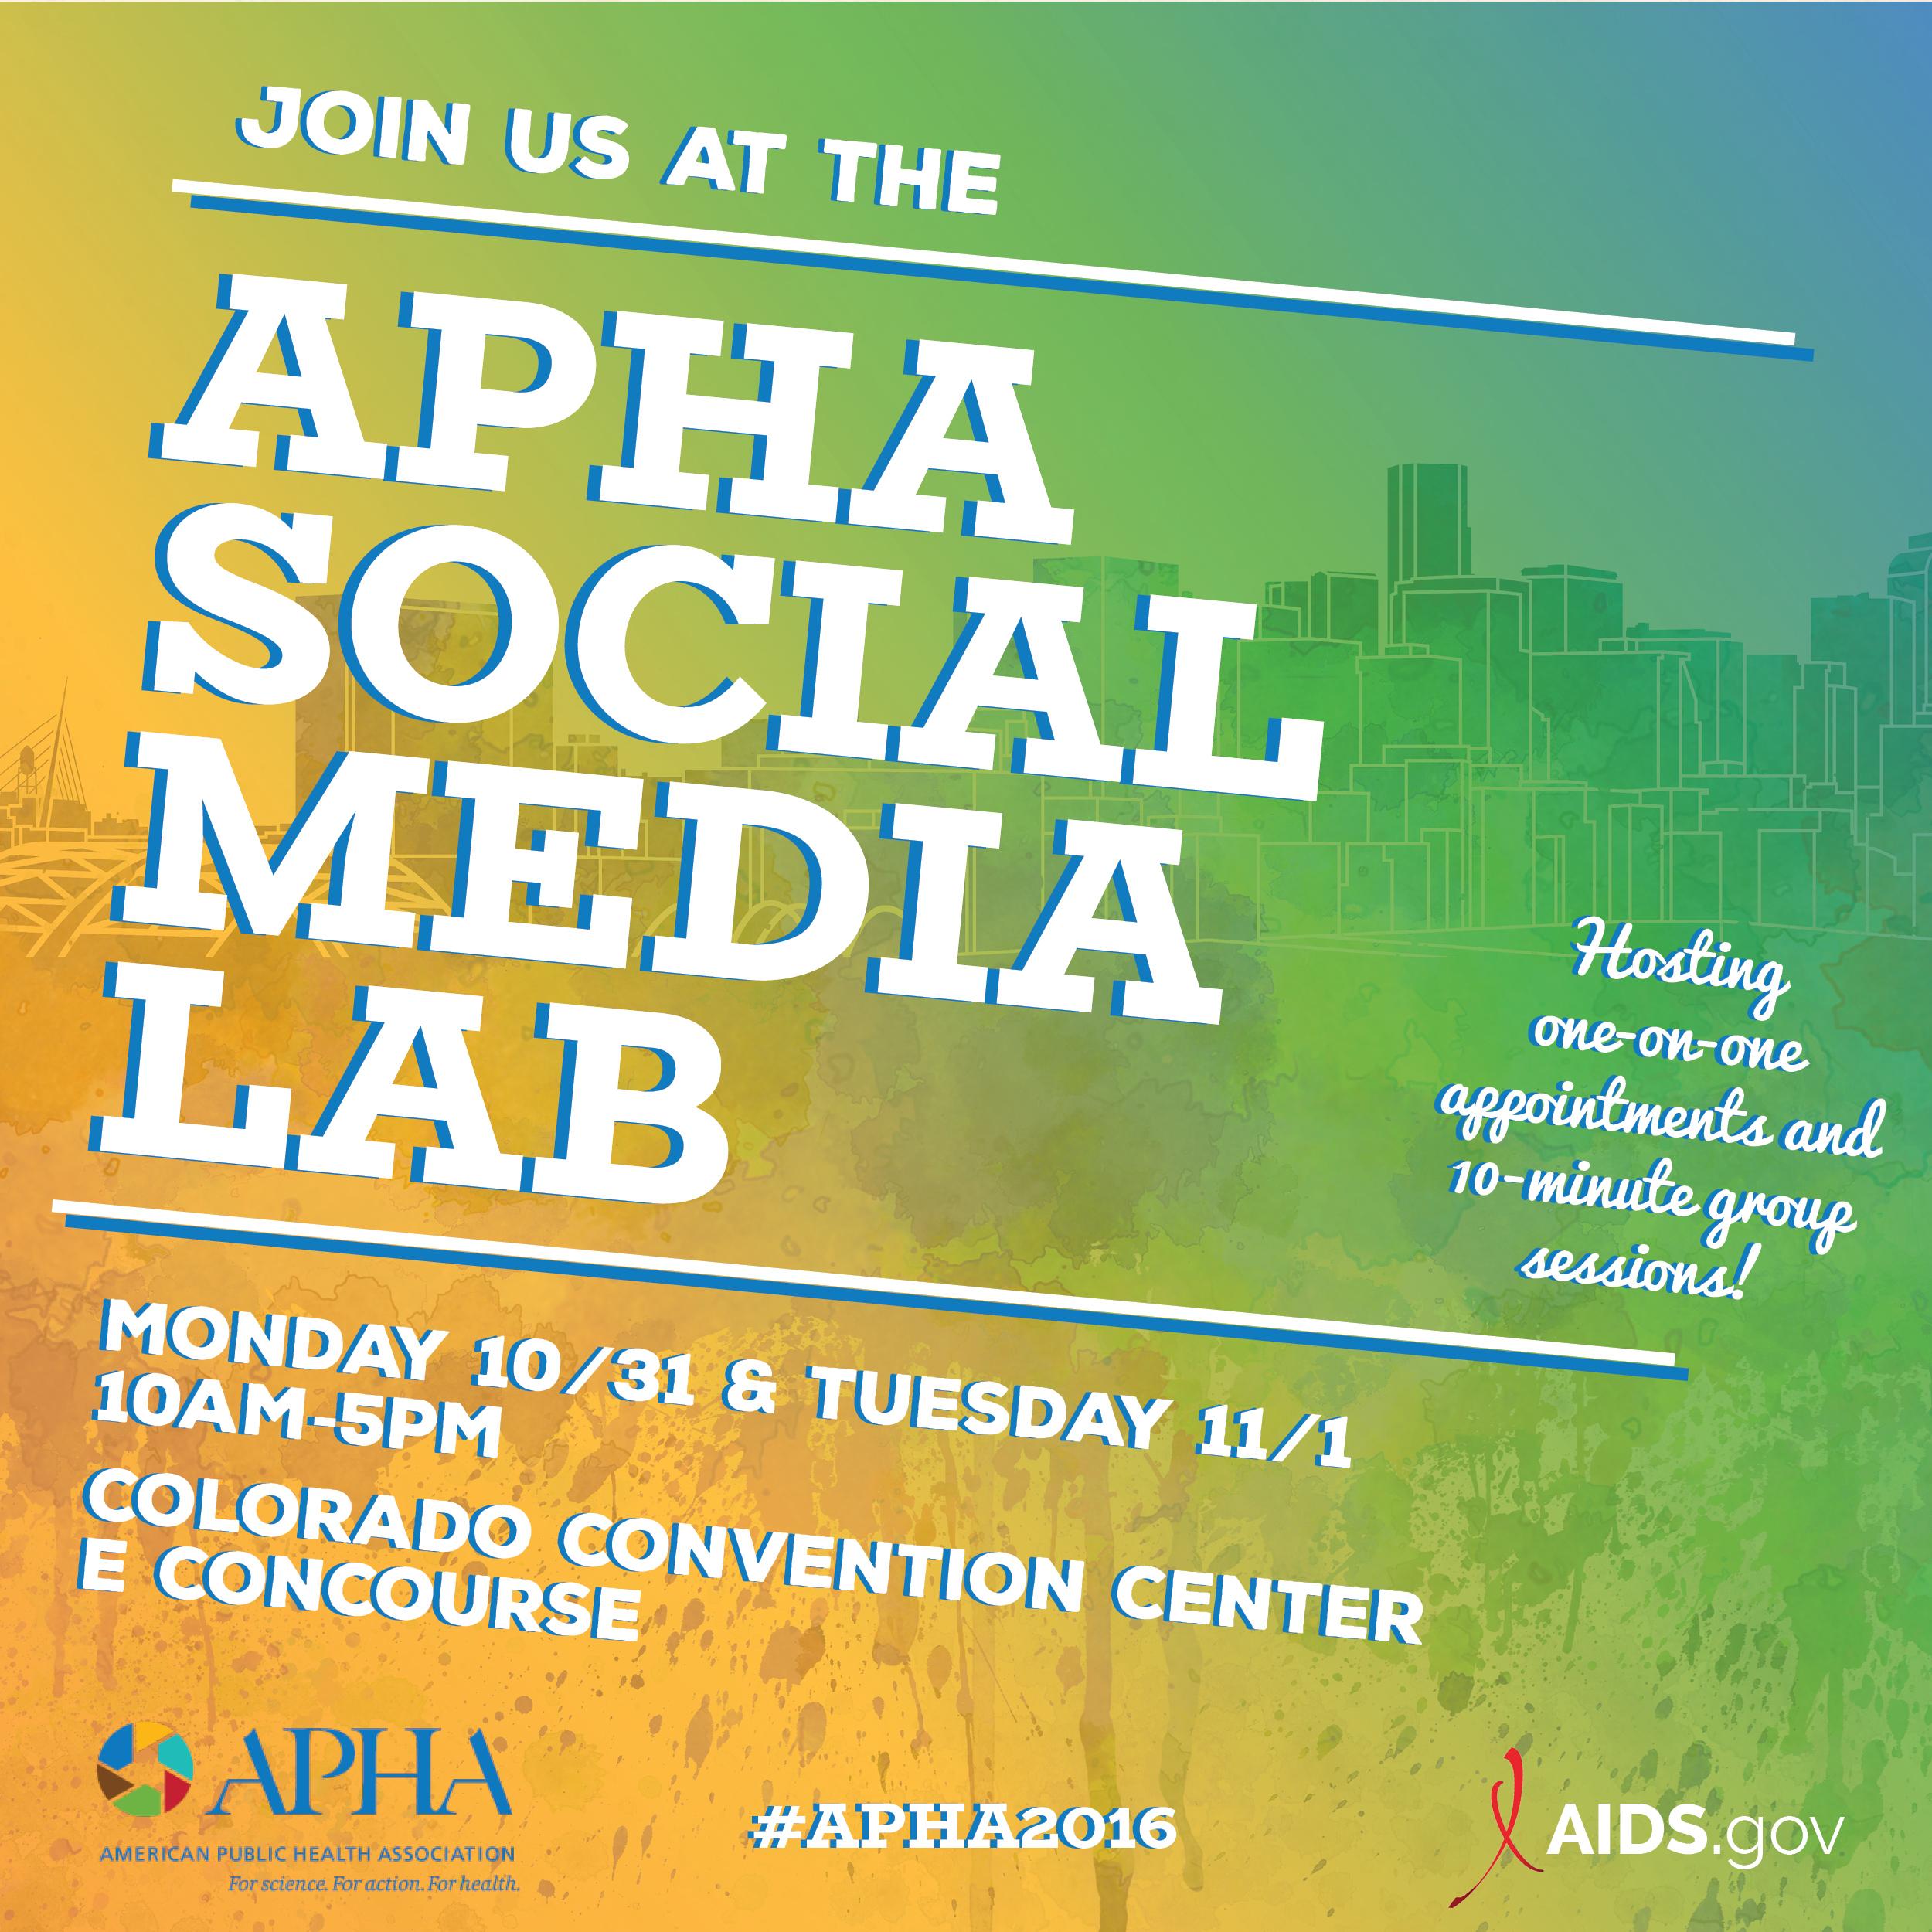 apha2016-socialmedialab